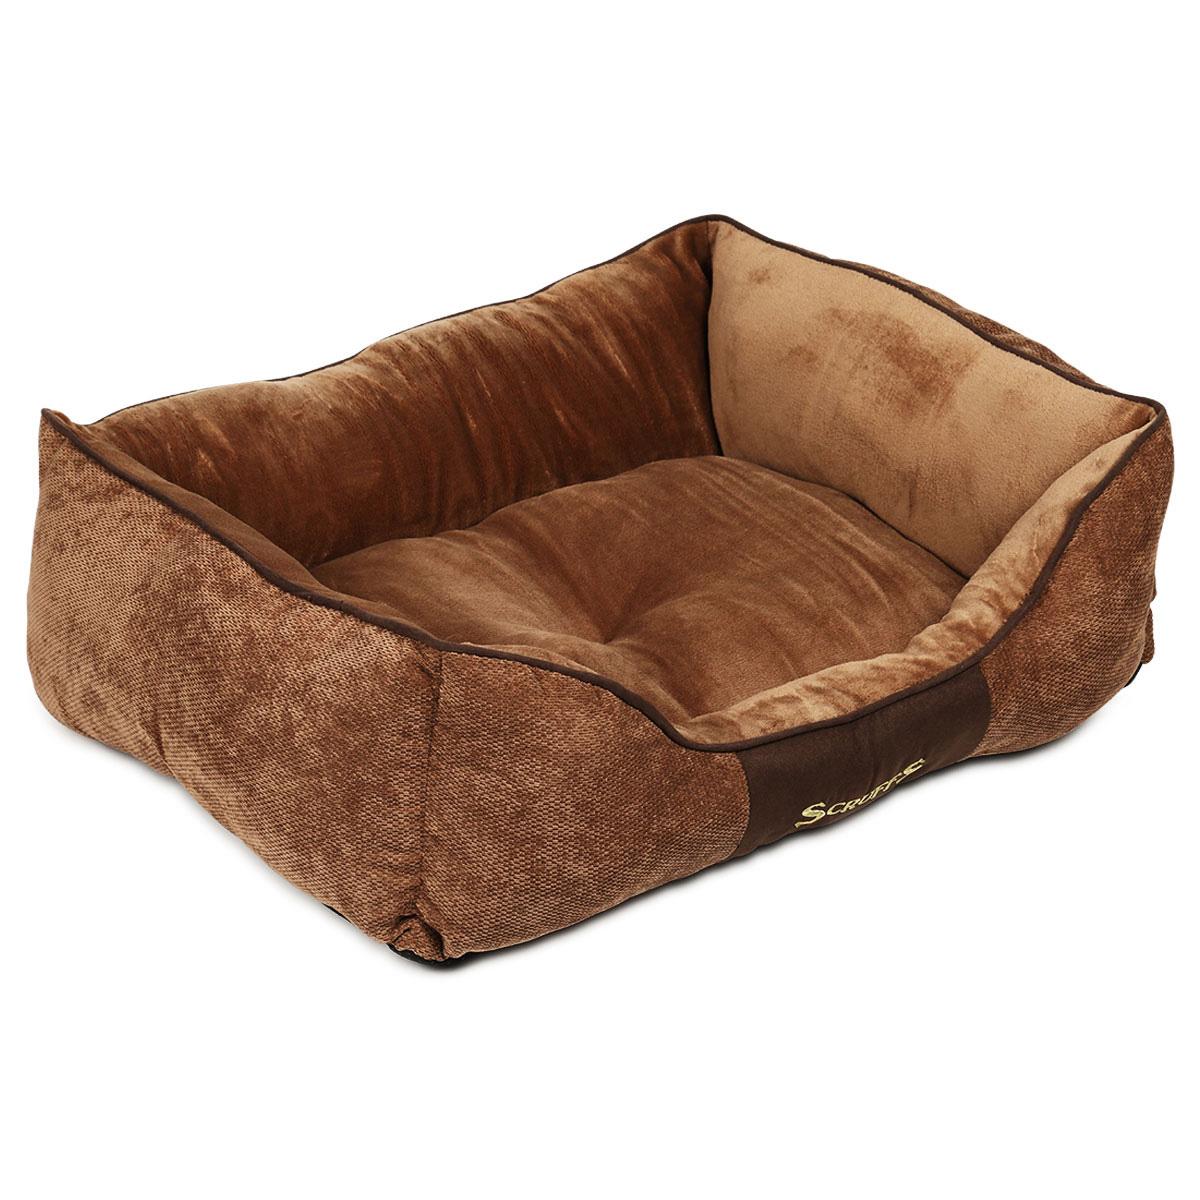 Scruffs Hundebett Chester Box Bed Braun L